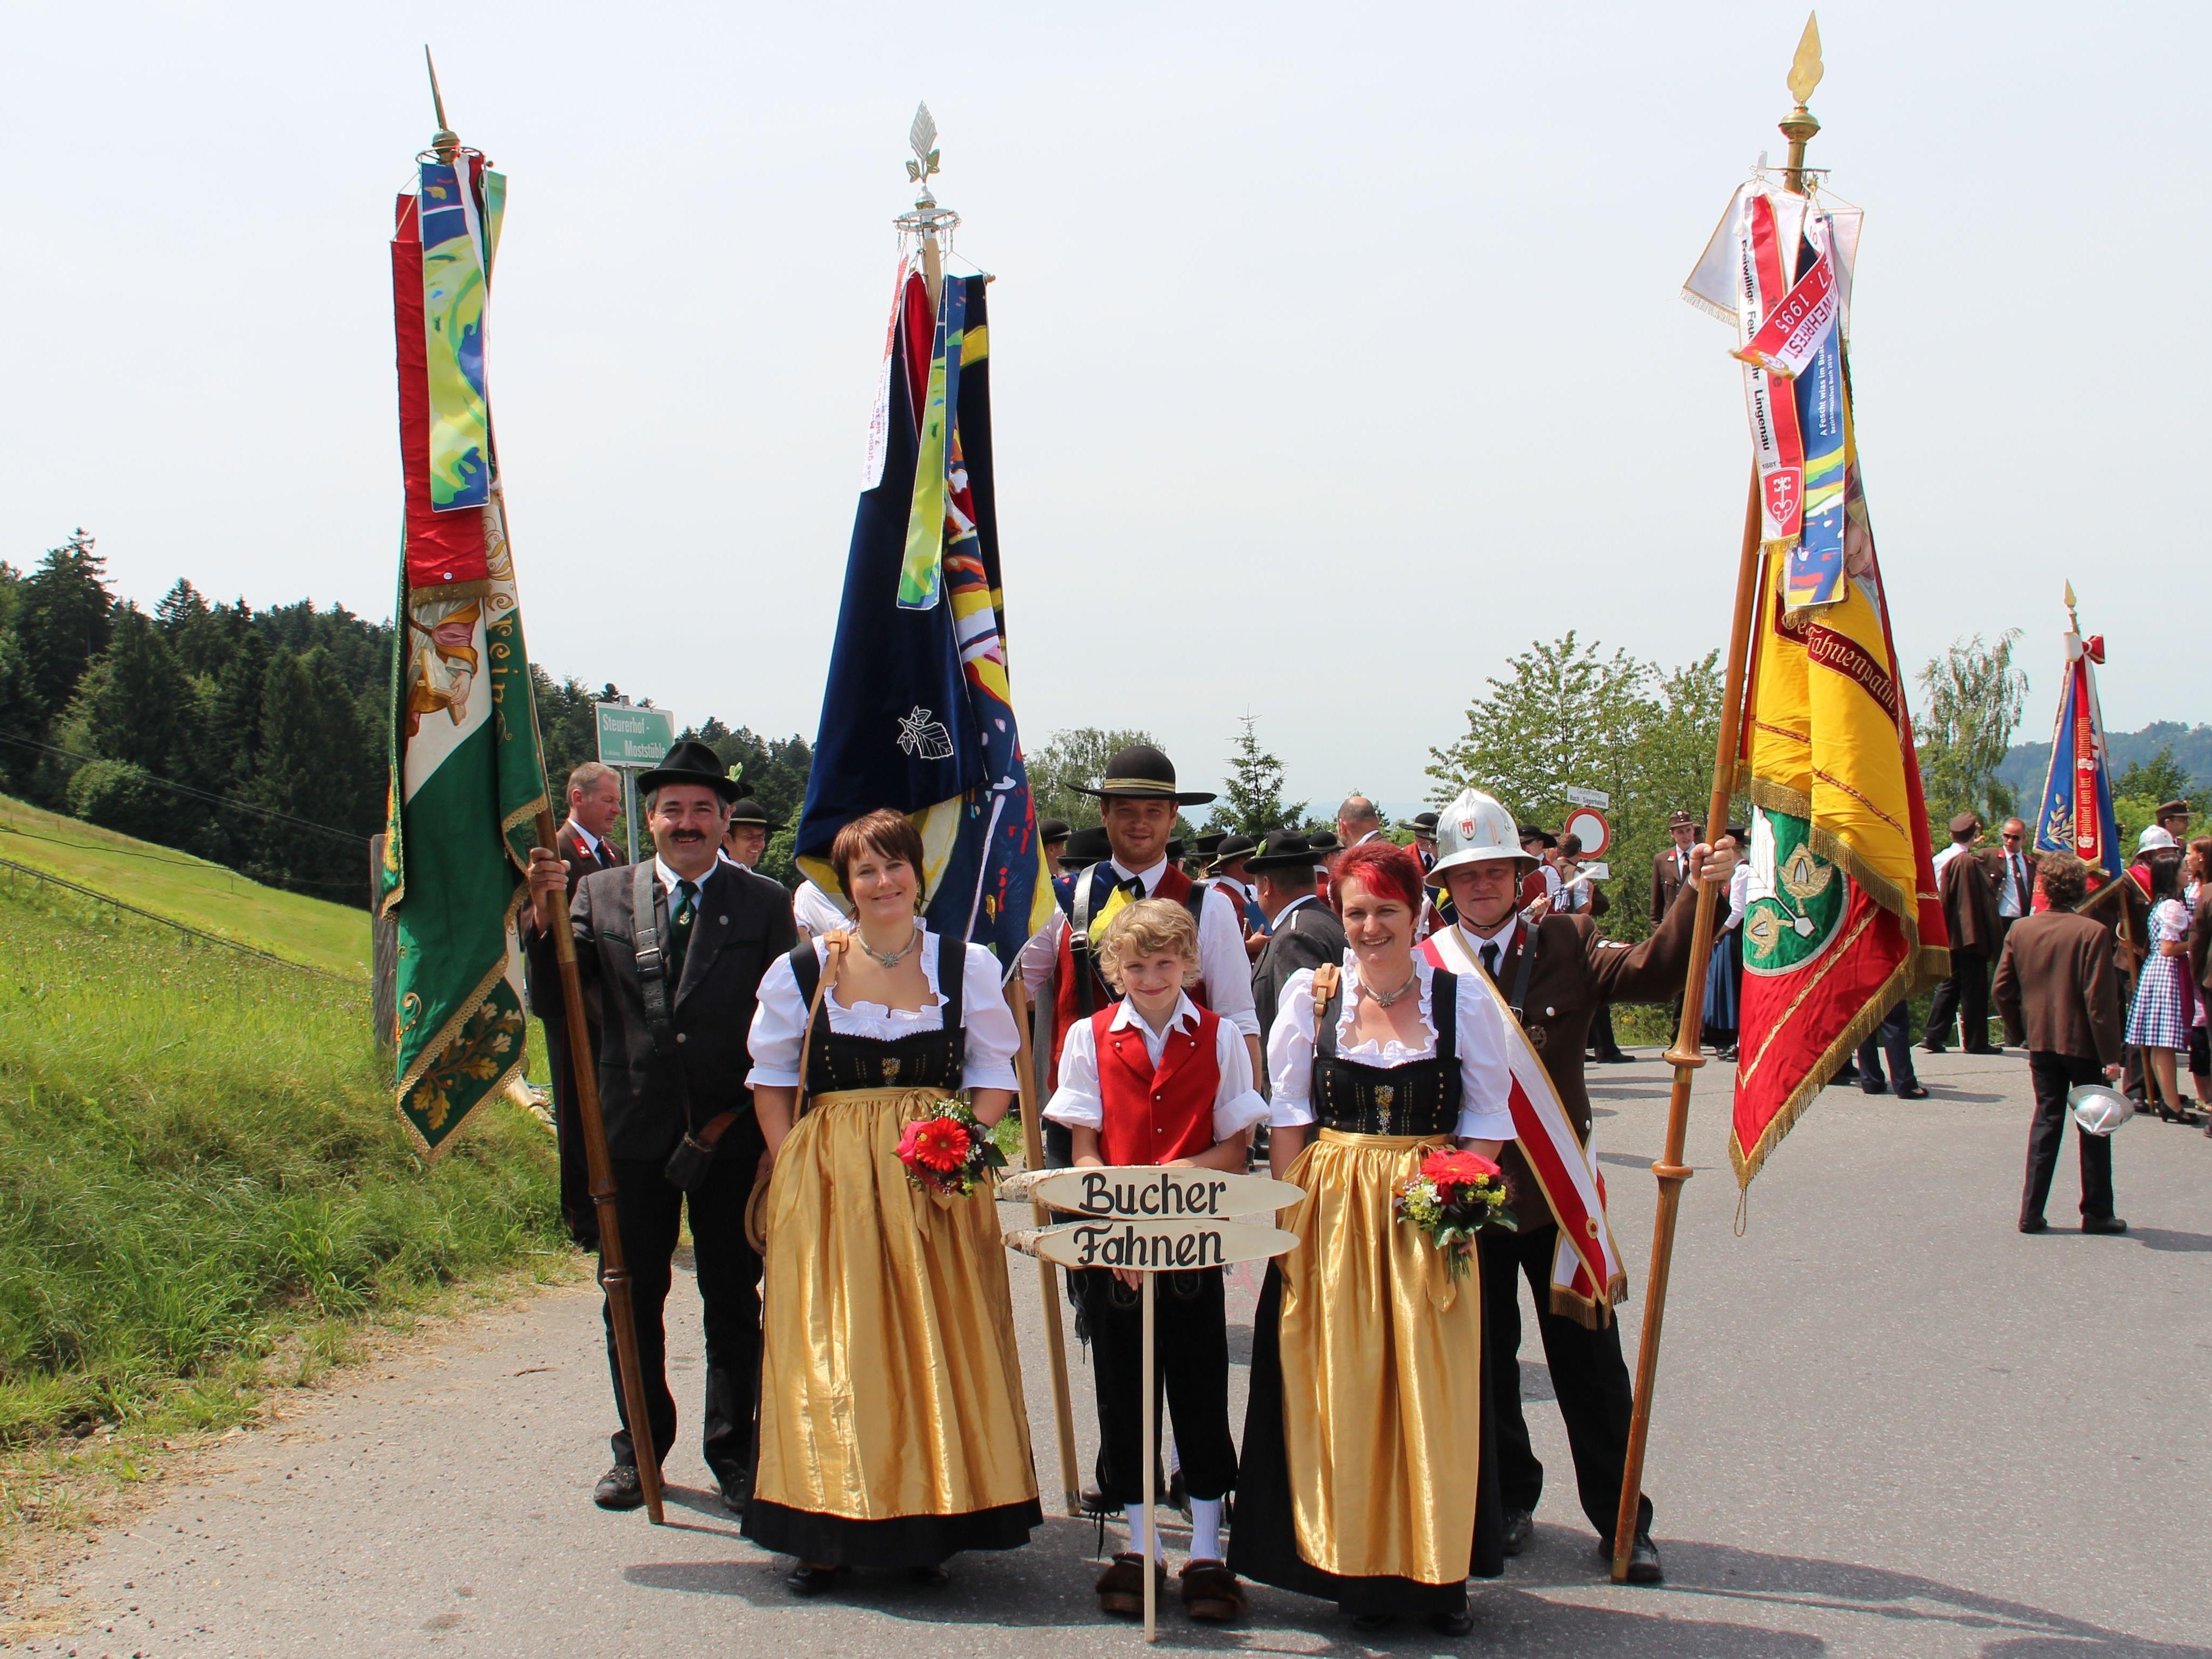 Bei Kaiserwetter feierten die Bucher das 85-jährige Jubiläum ihrer Feuerwehr.